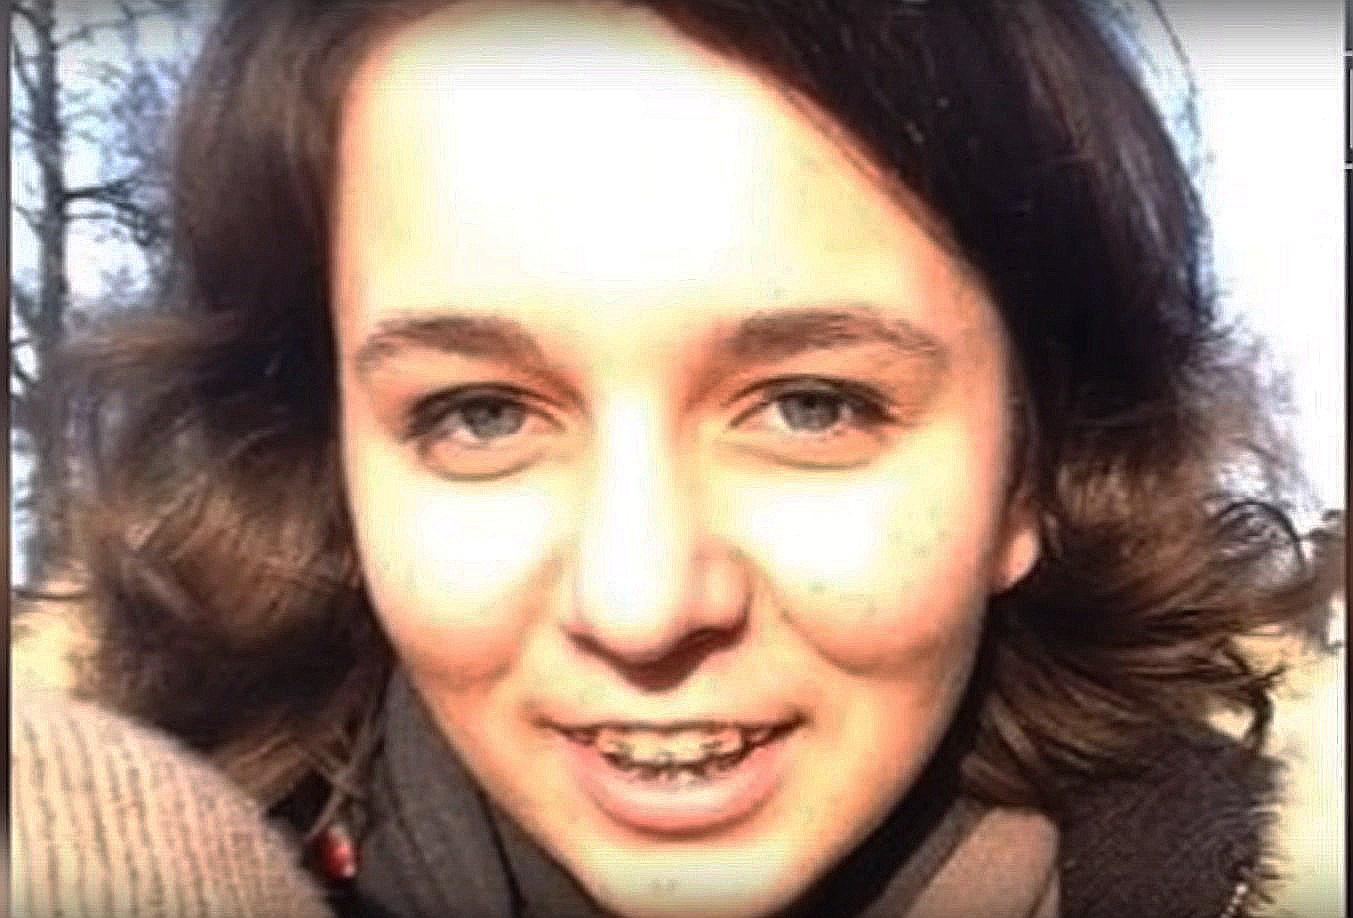 Verschwinden von Aylin (15) aus Essen bleibt rätselhaft